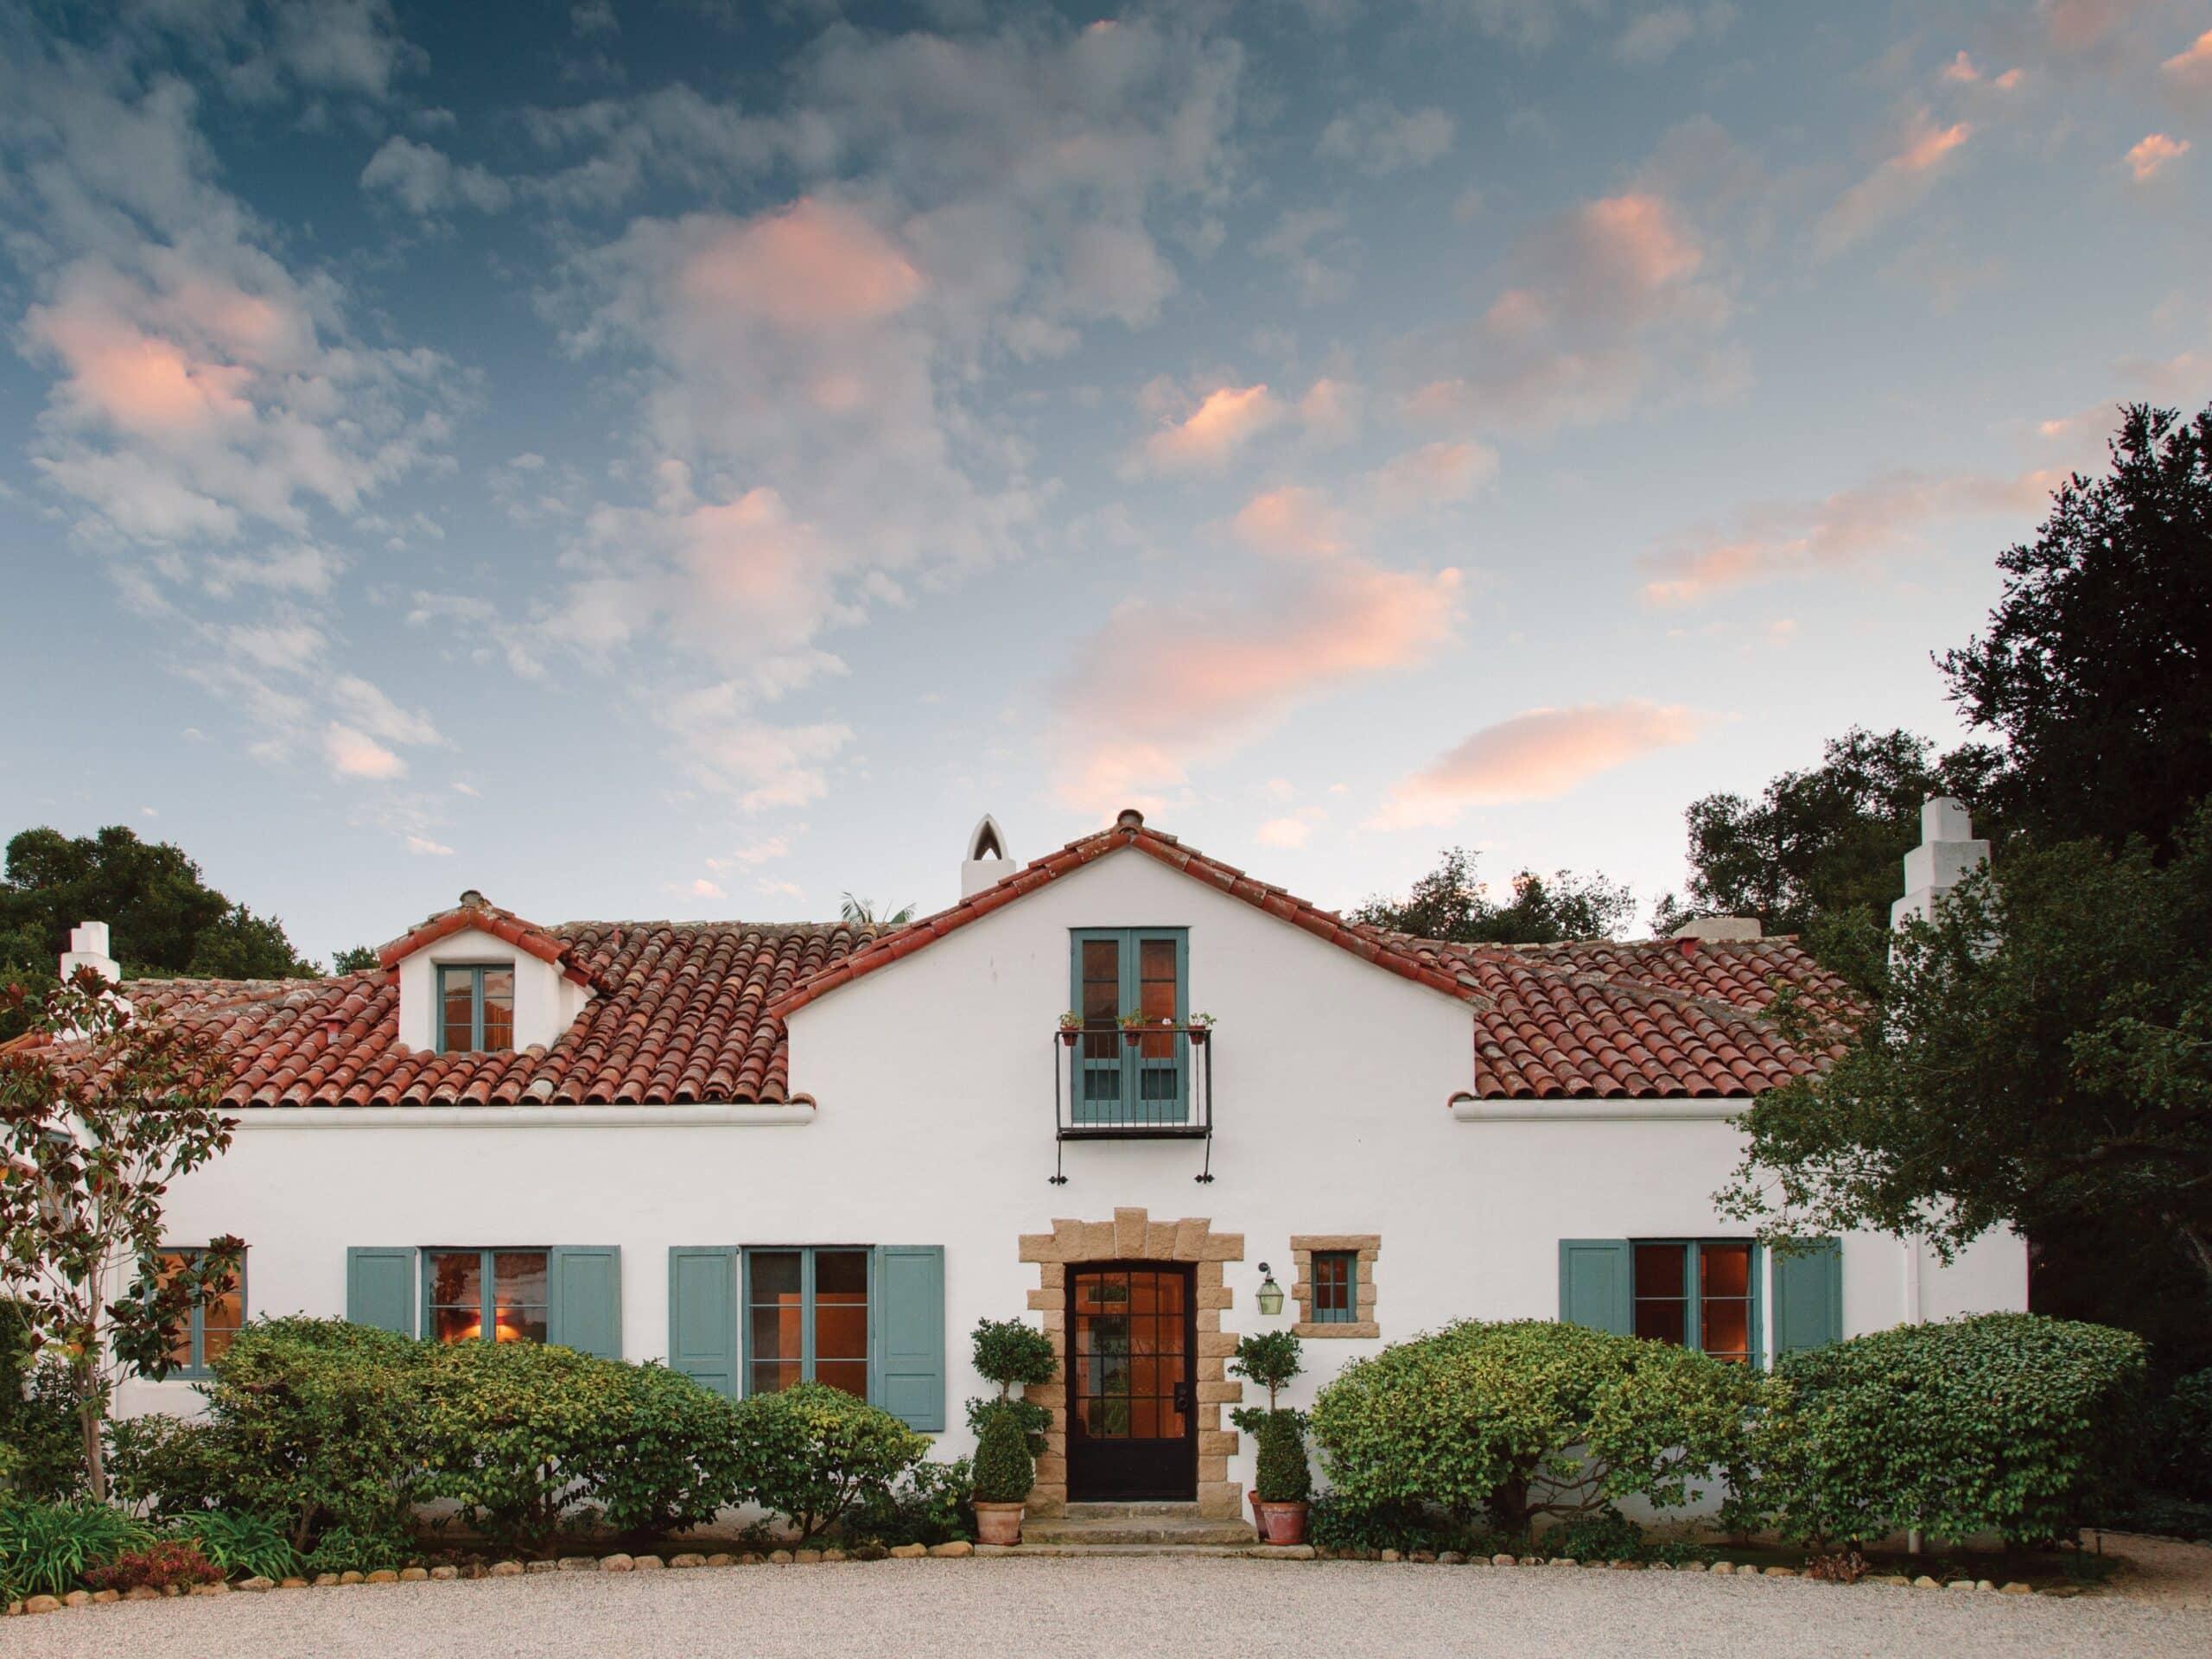 Contoh Desain Rumah Gaya Eropa Klasik Memanjang Sederhana